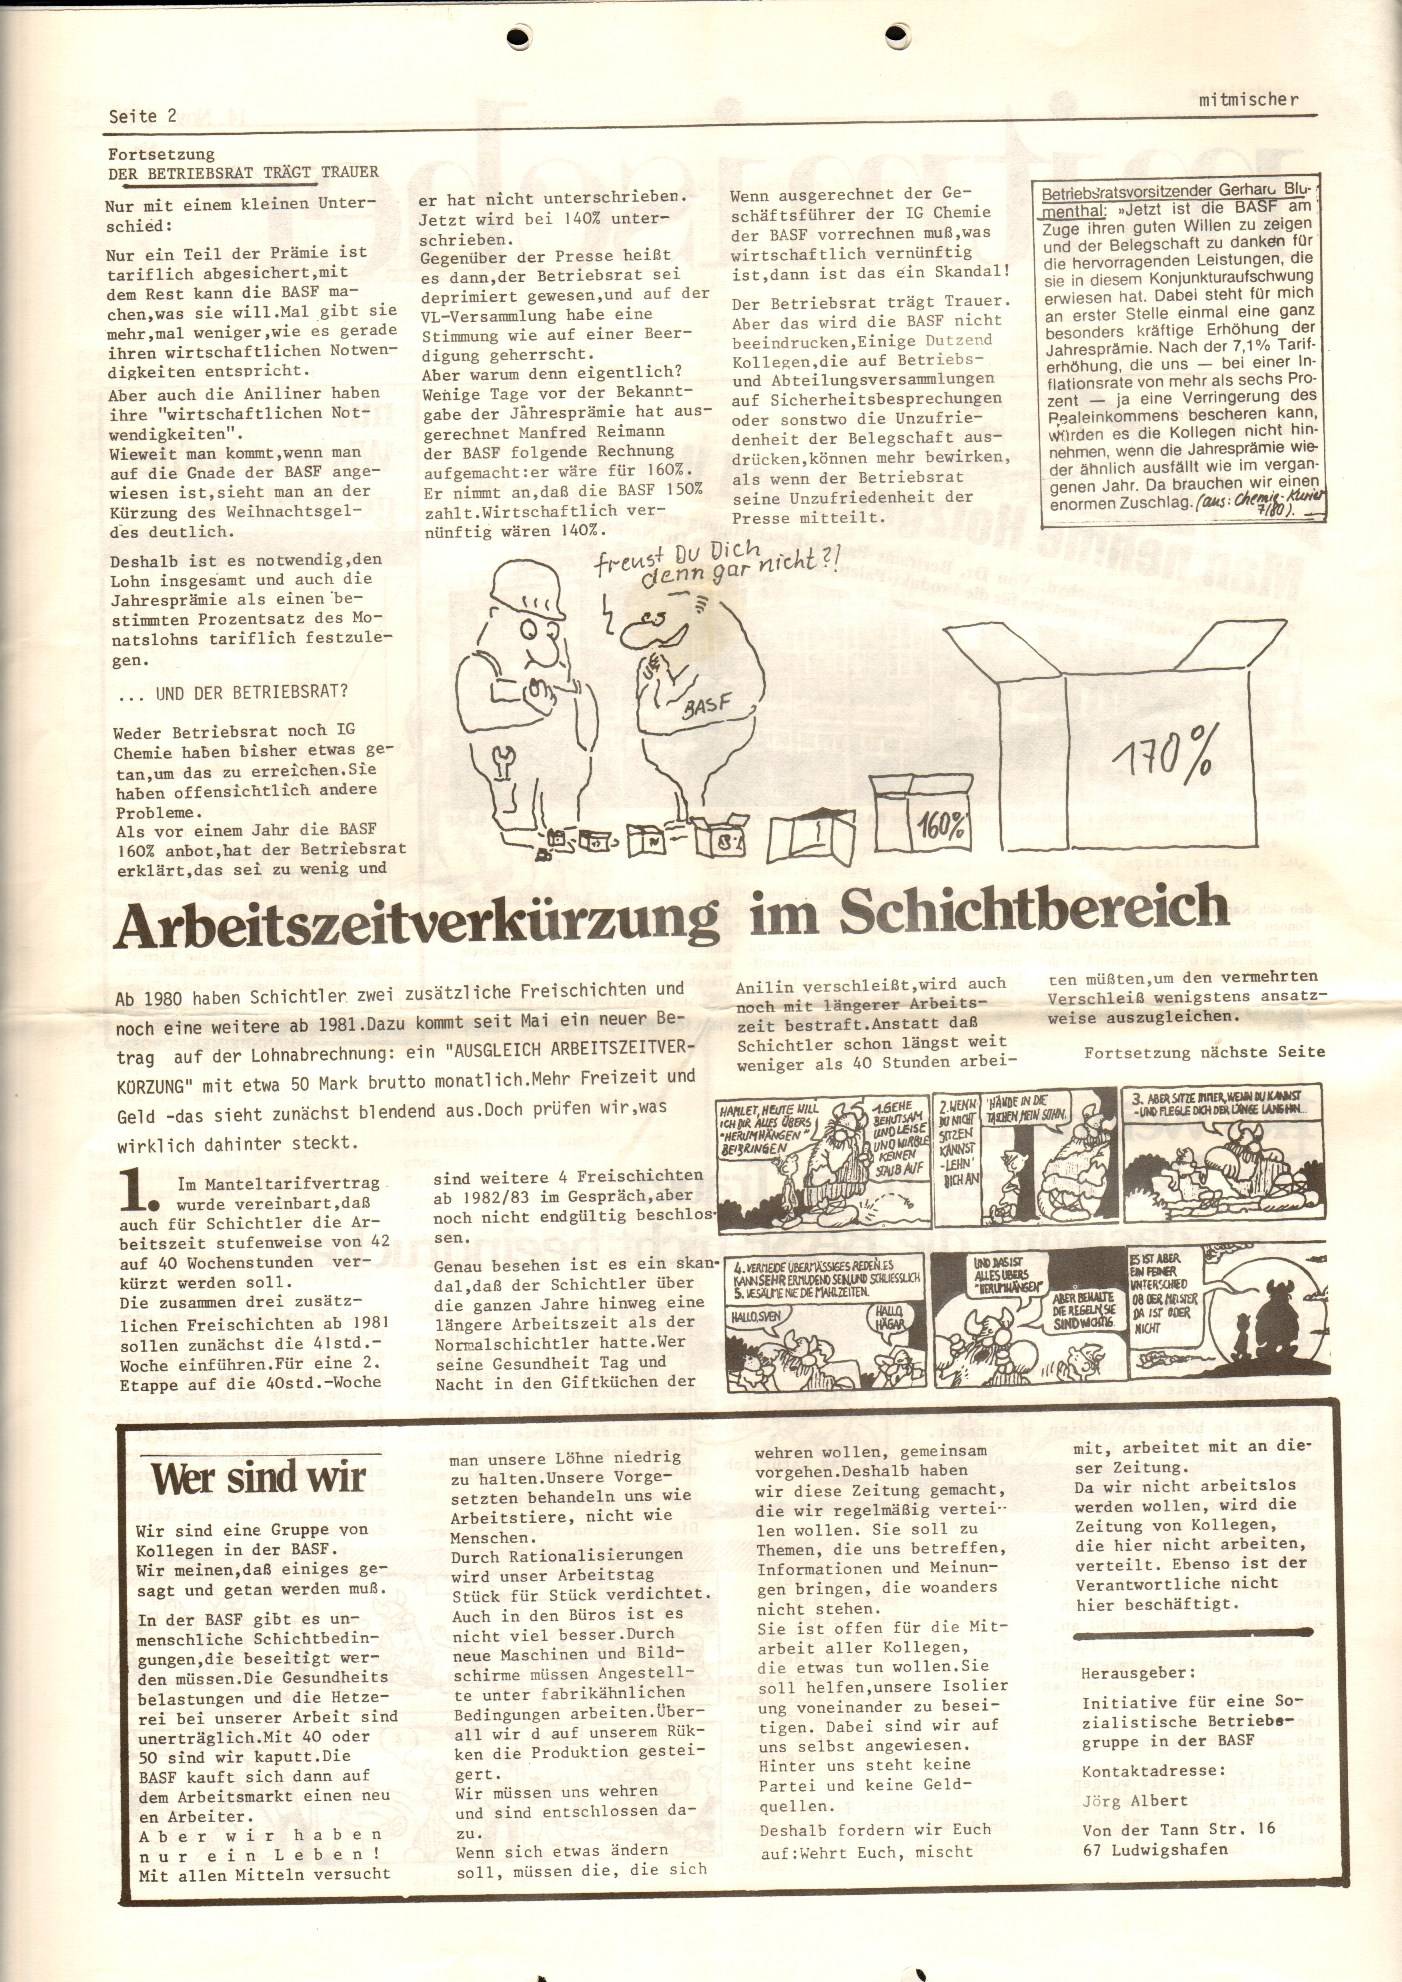 Ludwigshafen_Mitmischer_1980_01_02